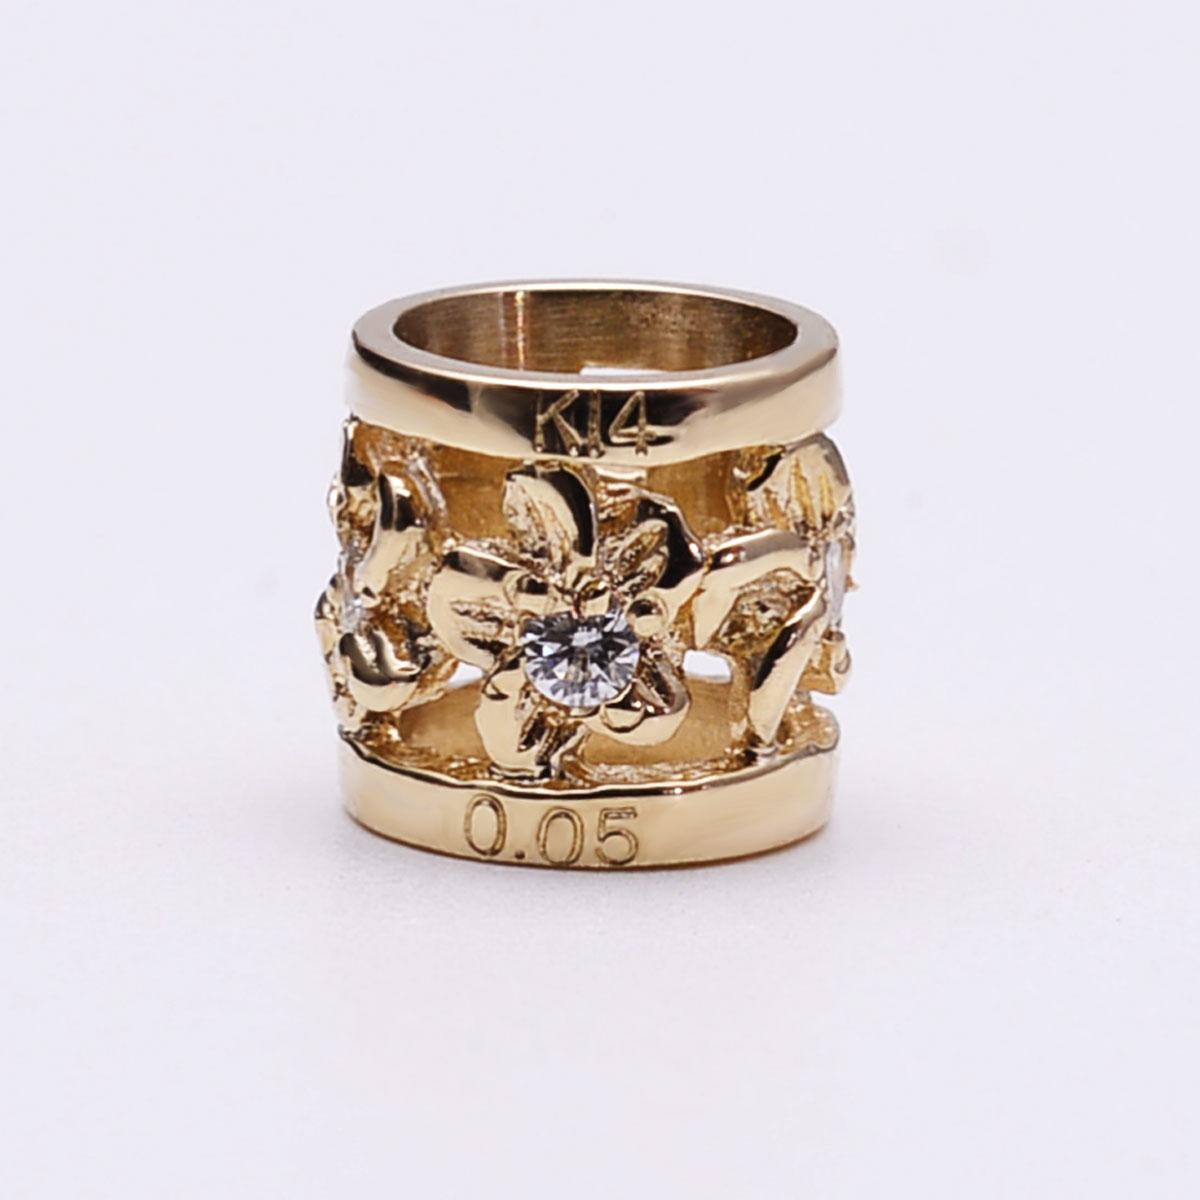 ハワイアンジュエリー ネックレス ダイヤモンドプチバレル・K14ゴールドペンダント apdo6498